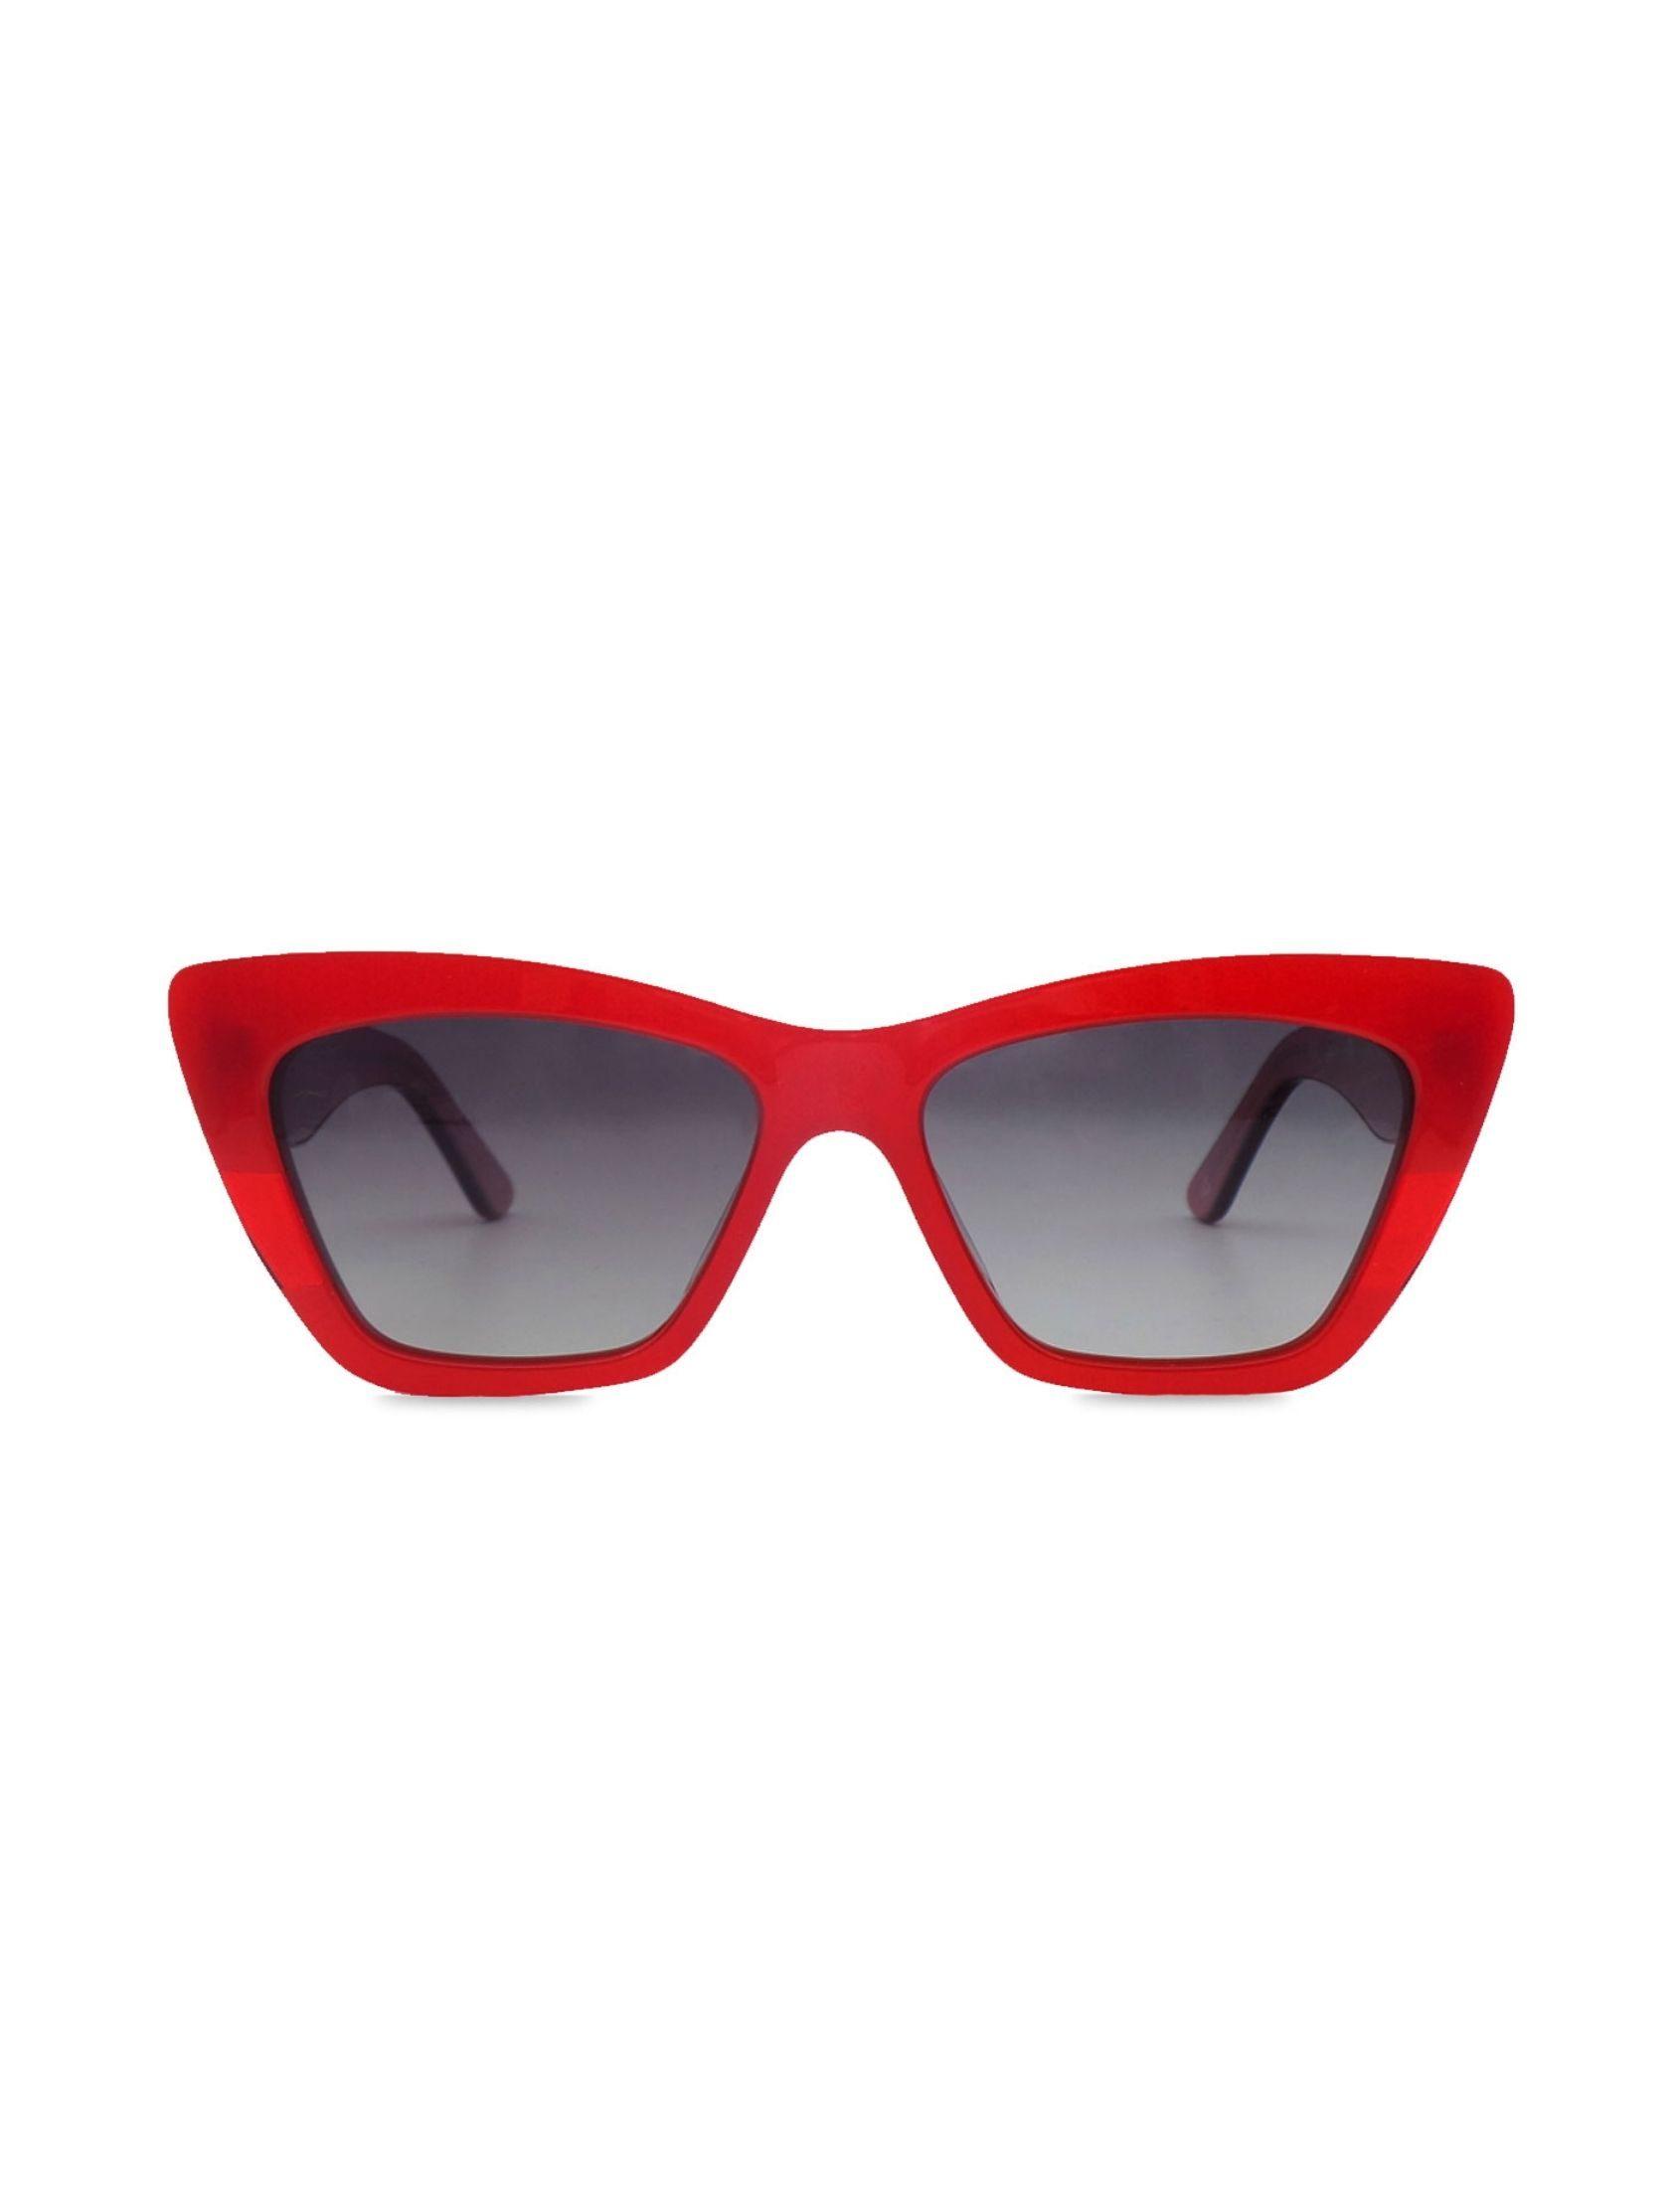 gafa de sol molly boom en color rojo con lentes negras